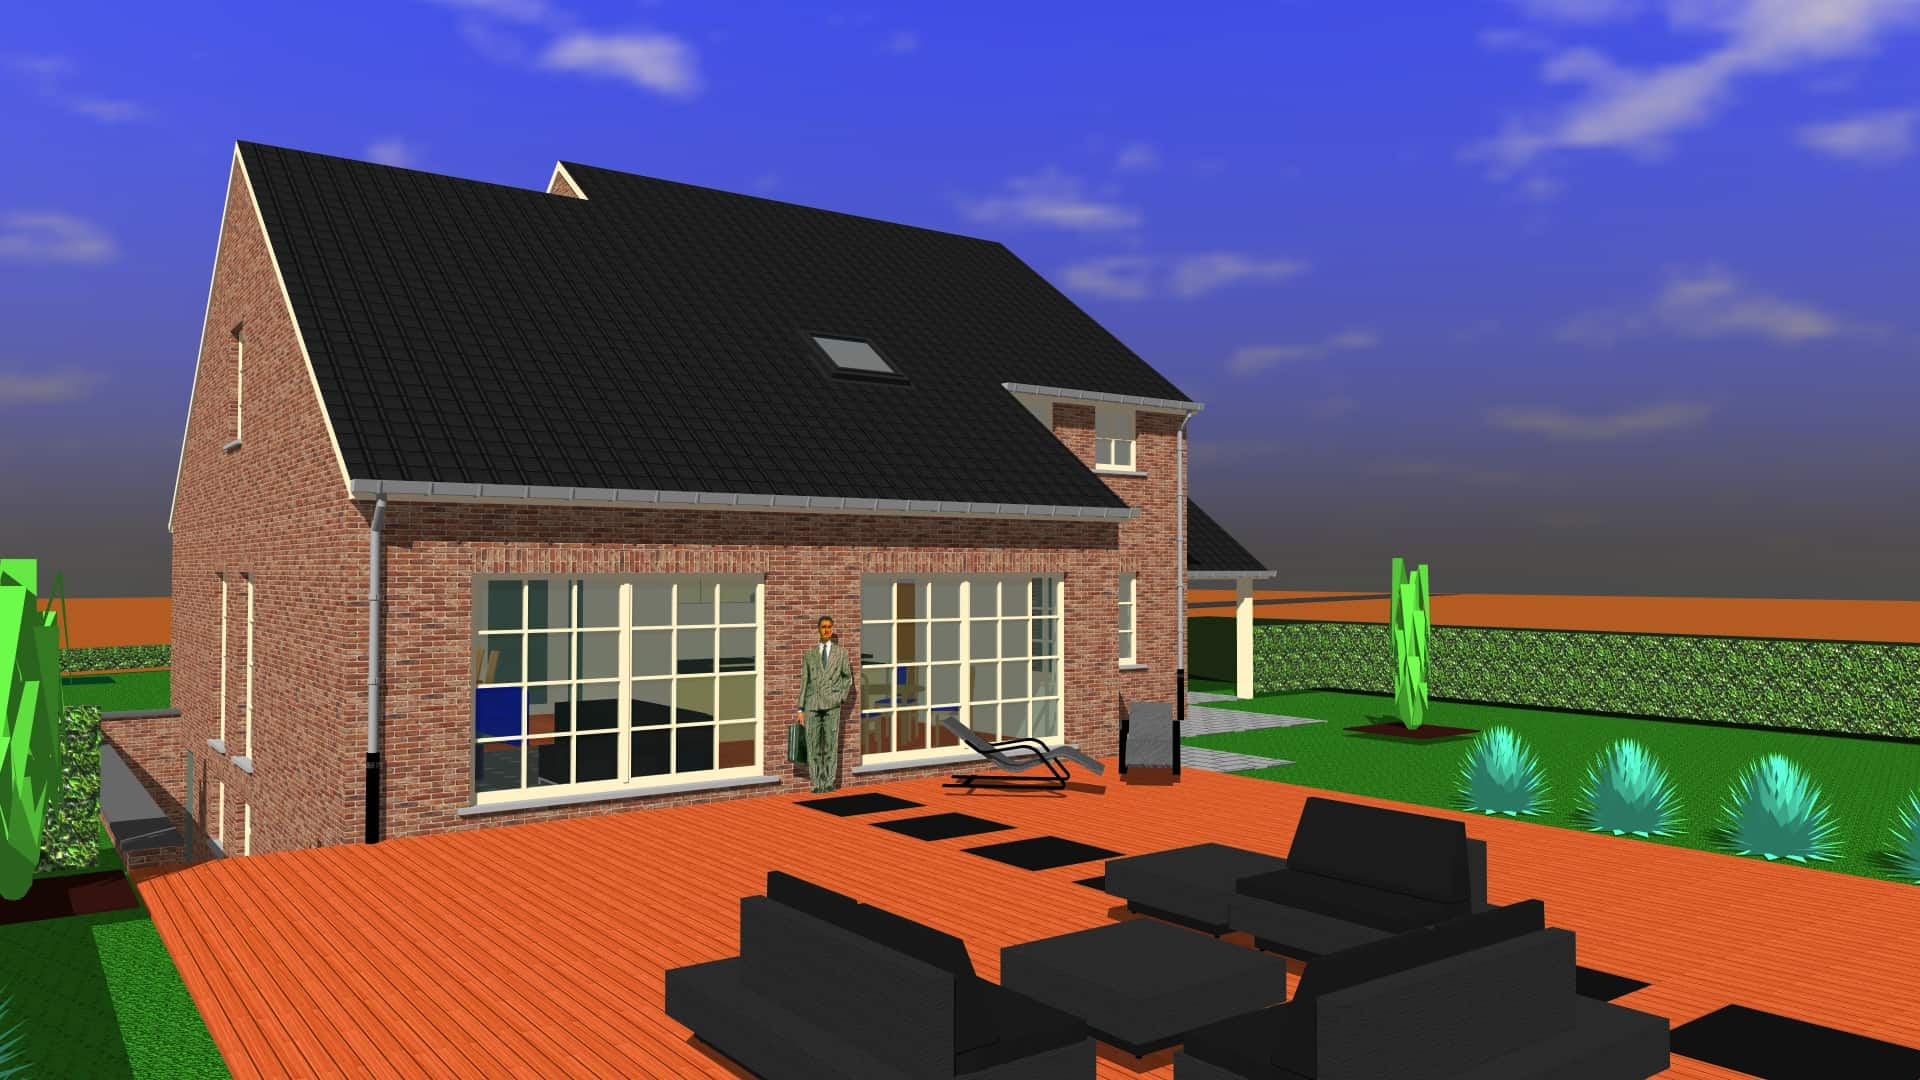 Detail afbeelding 4 van DM   –   Landelijke woning in Pastorij-stijl   –  Wiemismeer | Ontwerp door architect Patrick Strackx